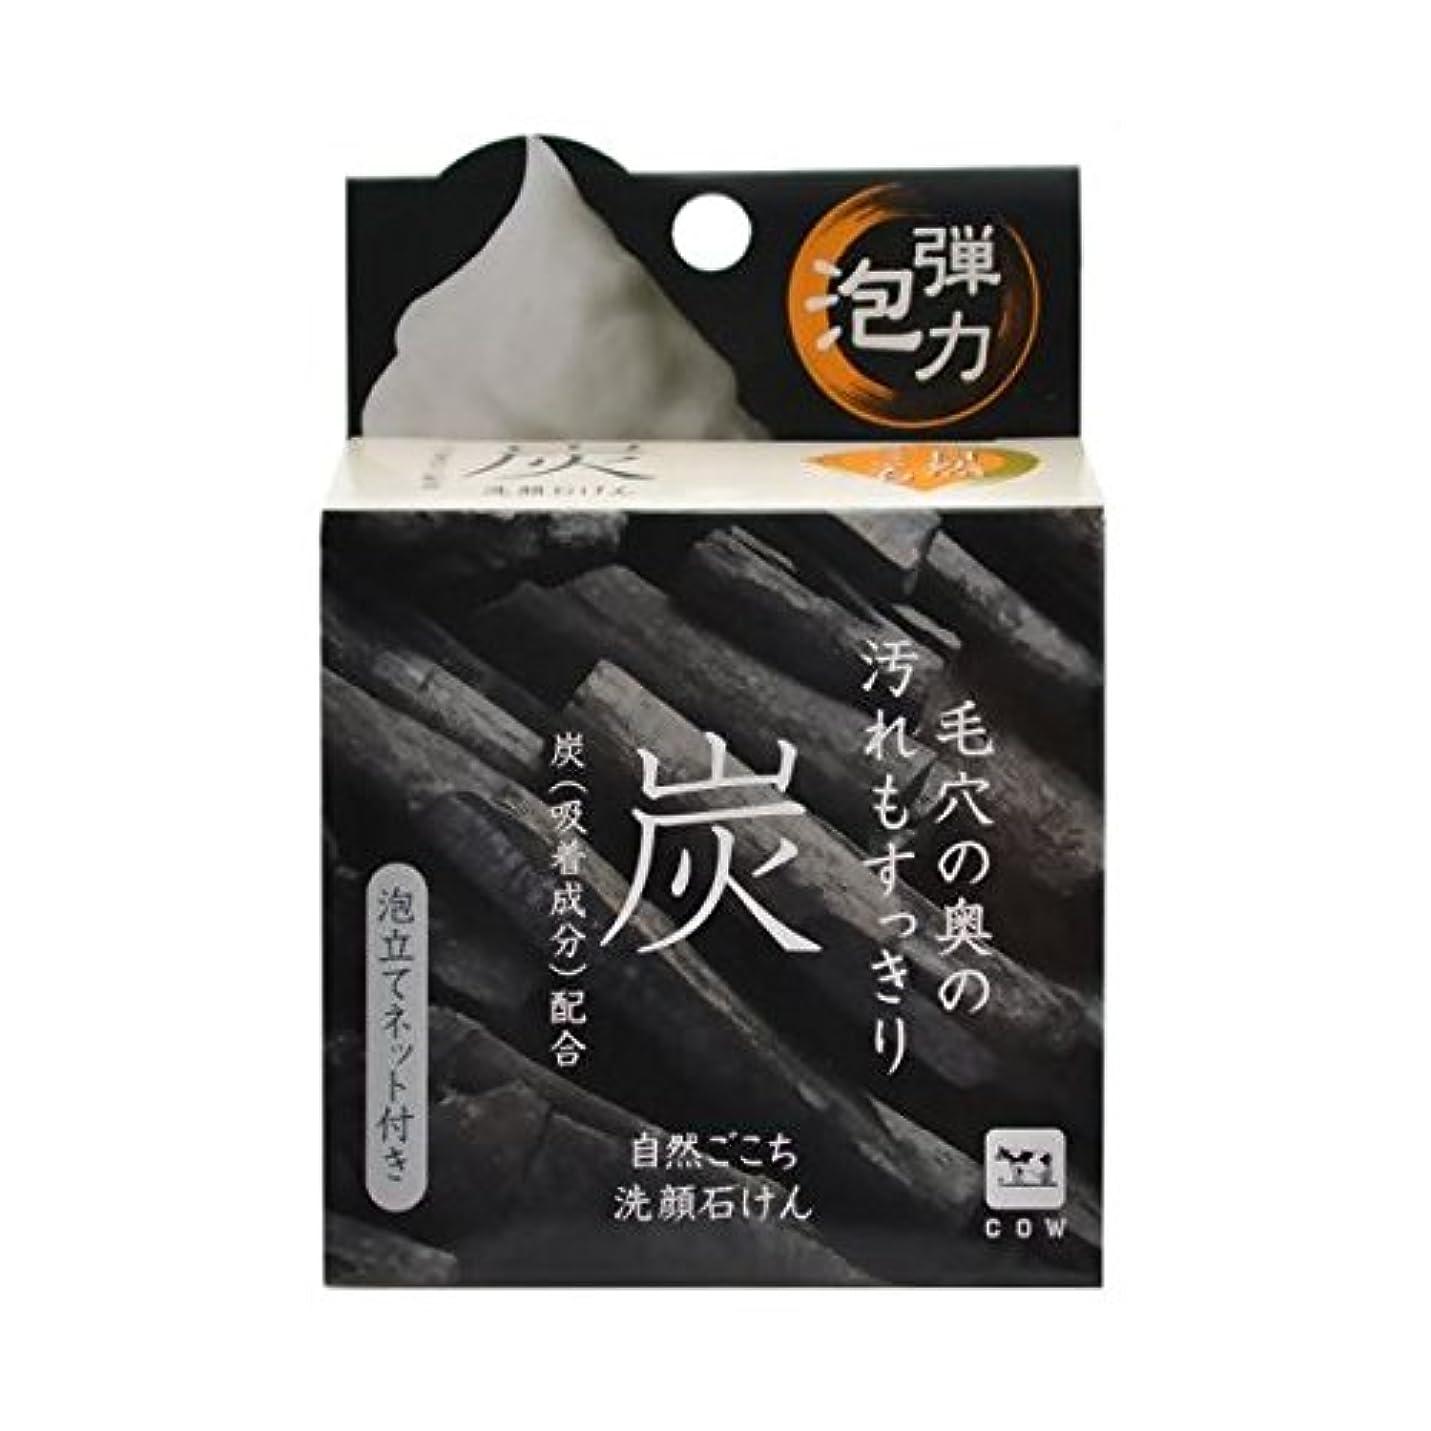 恥製造ナプキン【お徳用 3 セット】 自然ごこち 炭 洗顔石けん 80g×3セット